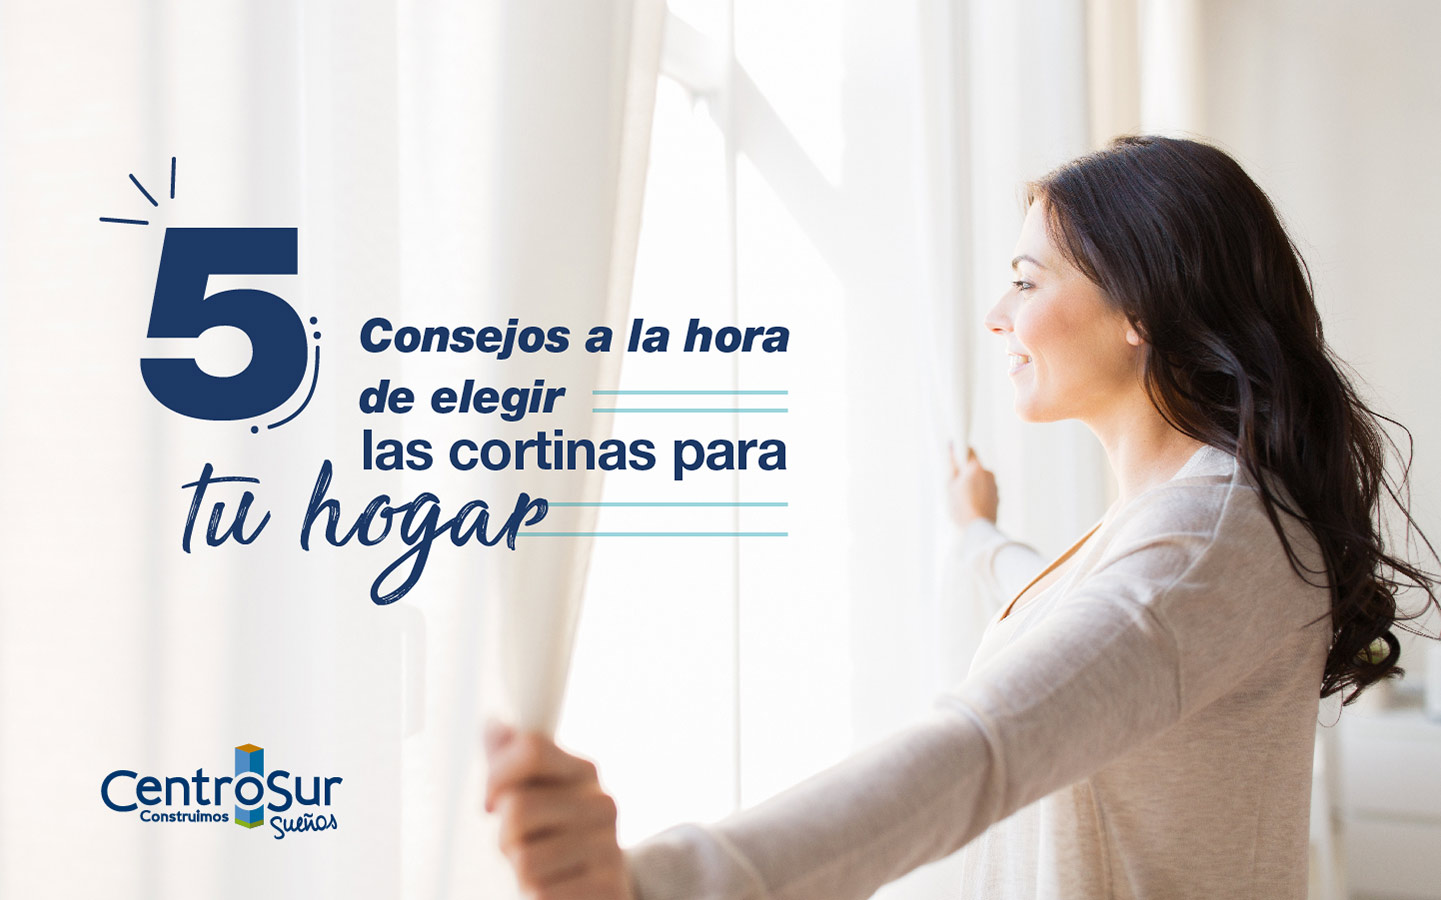 CINCO CONSEJOS A LA HORA DE ELEGIR LAS CORTINAS PARA TU HOGAR